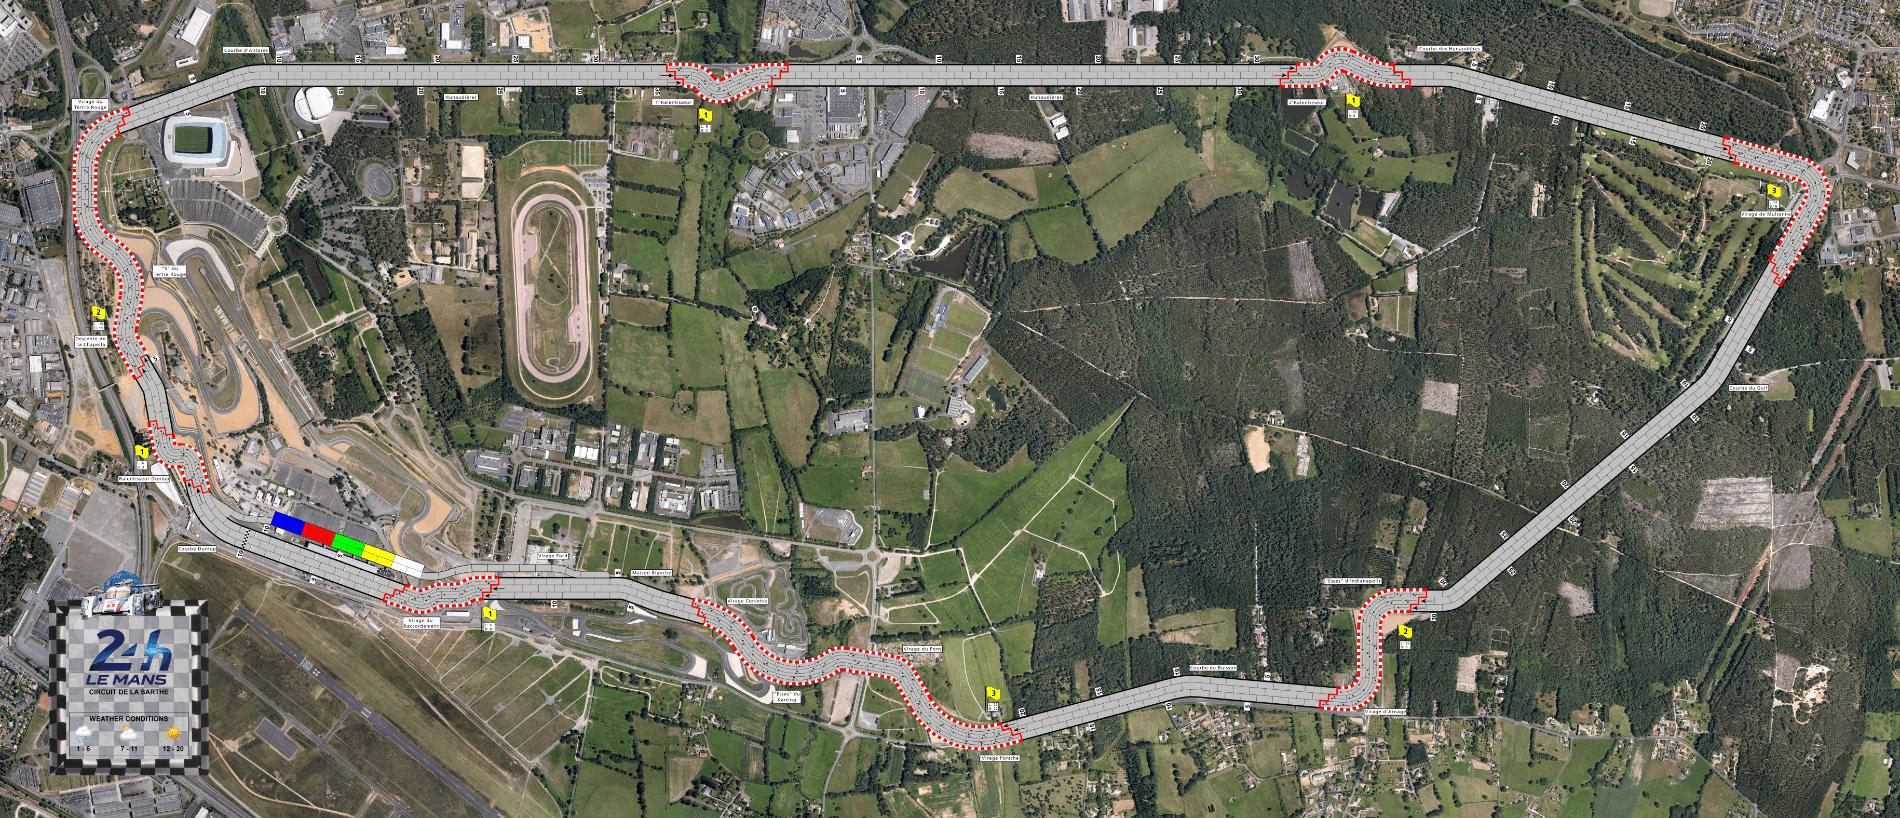 Circuit de la Sarthe LeMans (fan expansion for Formula D(é))